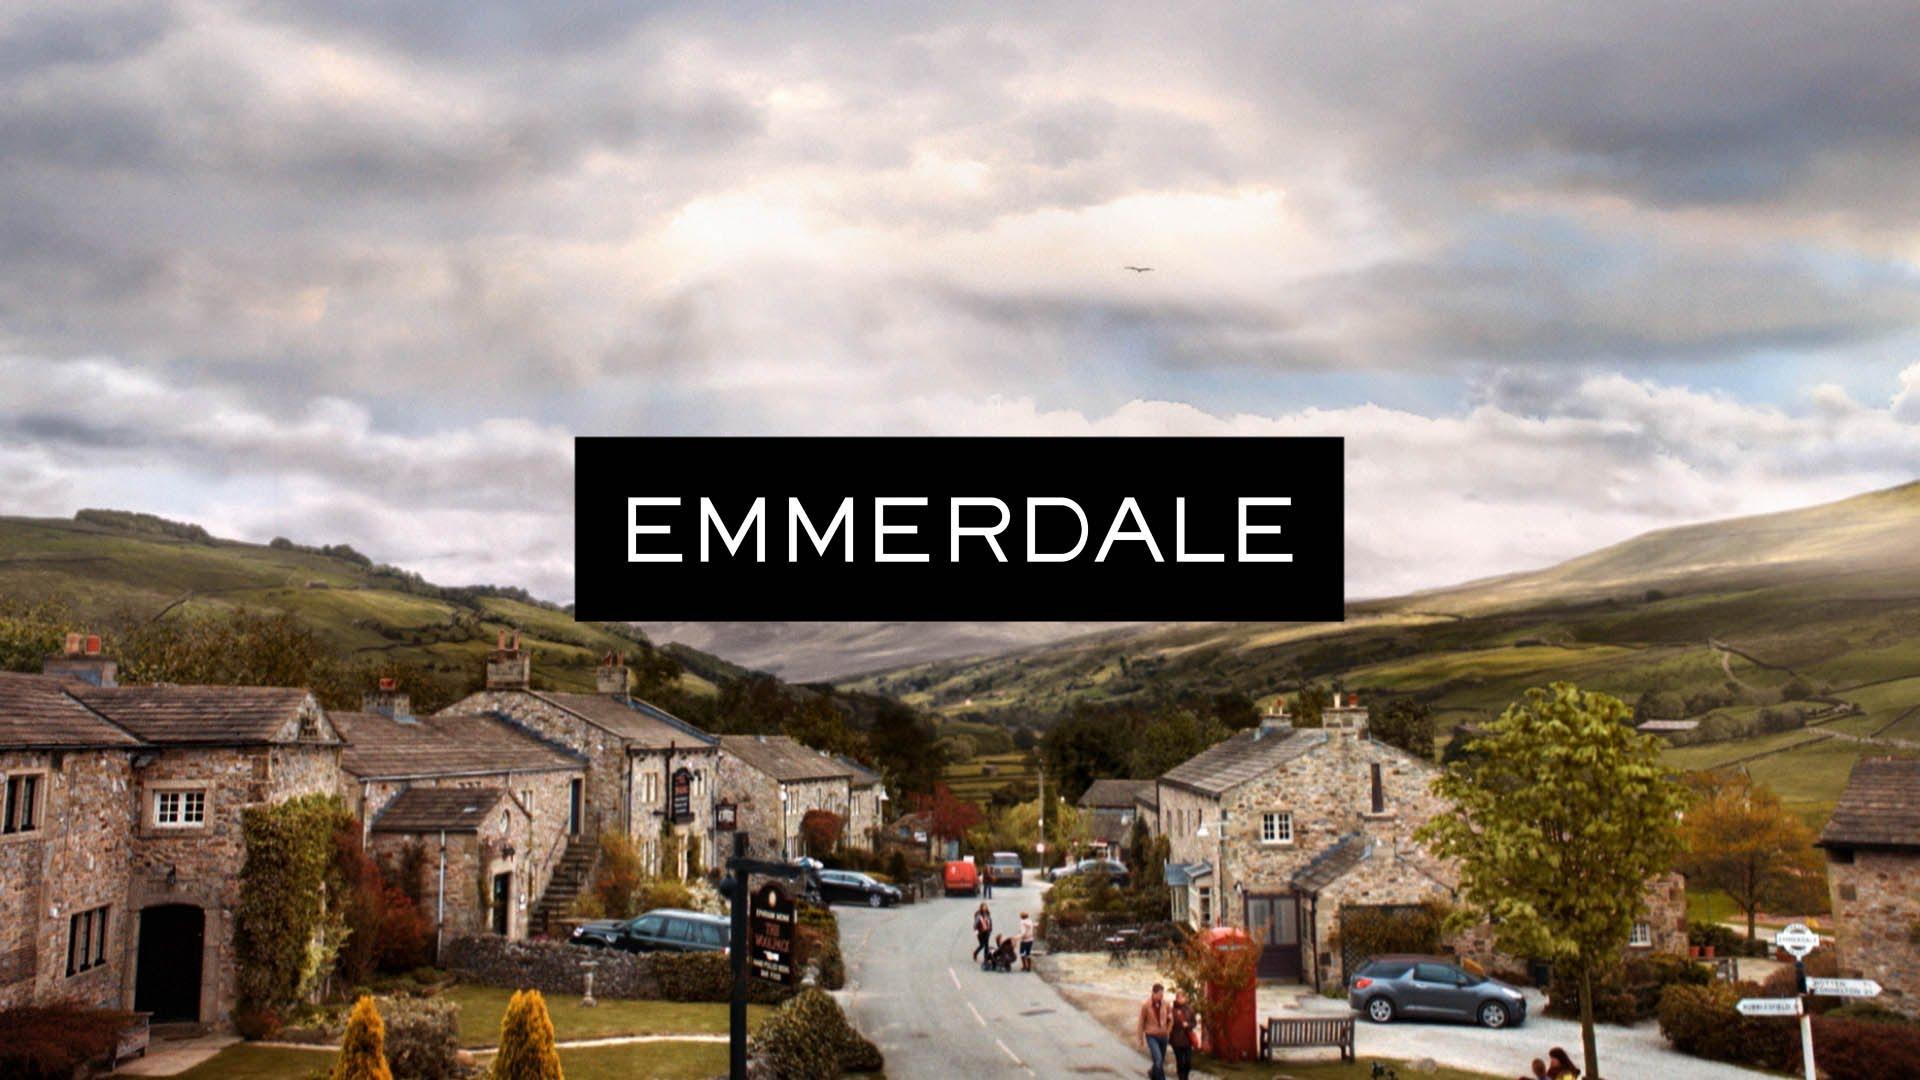 Emmerdale.jpg